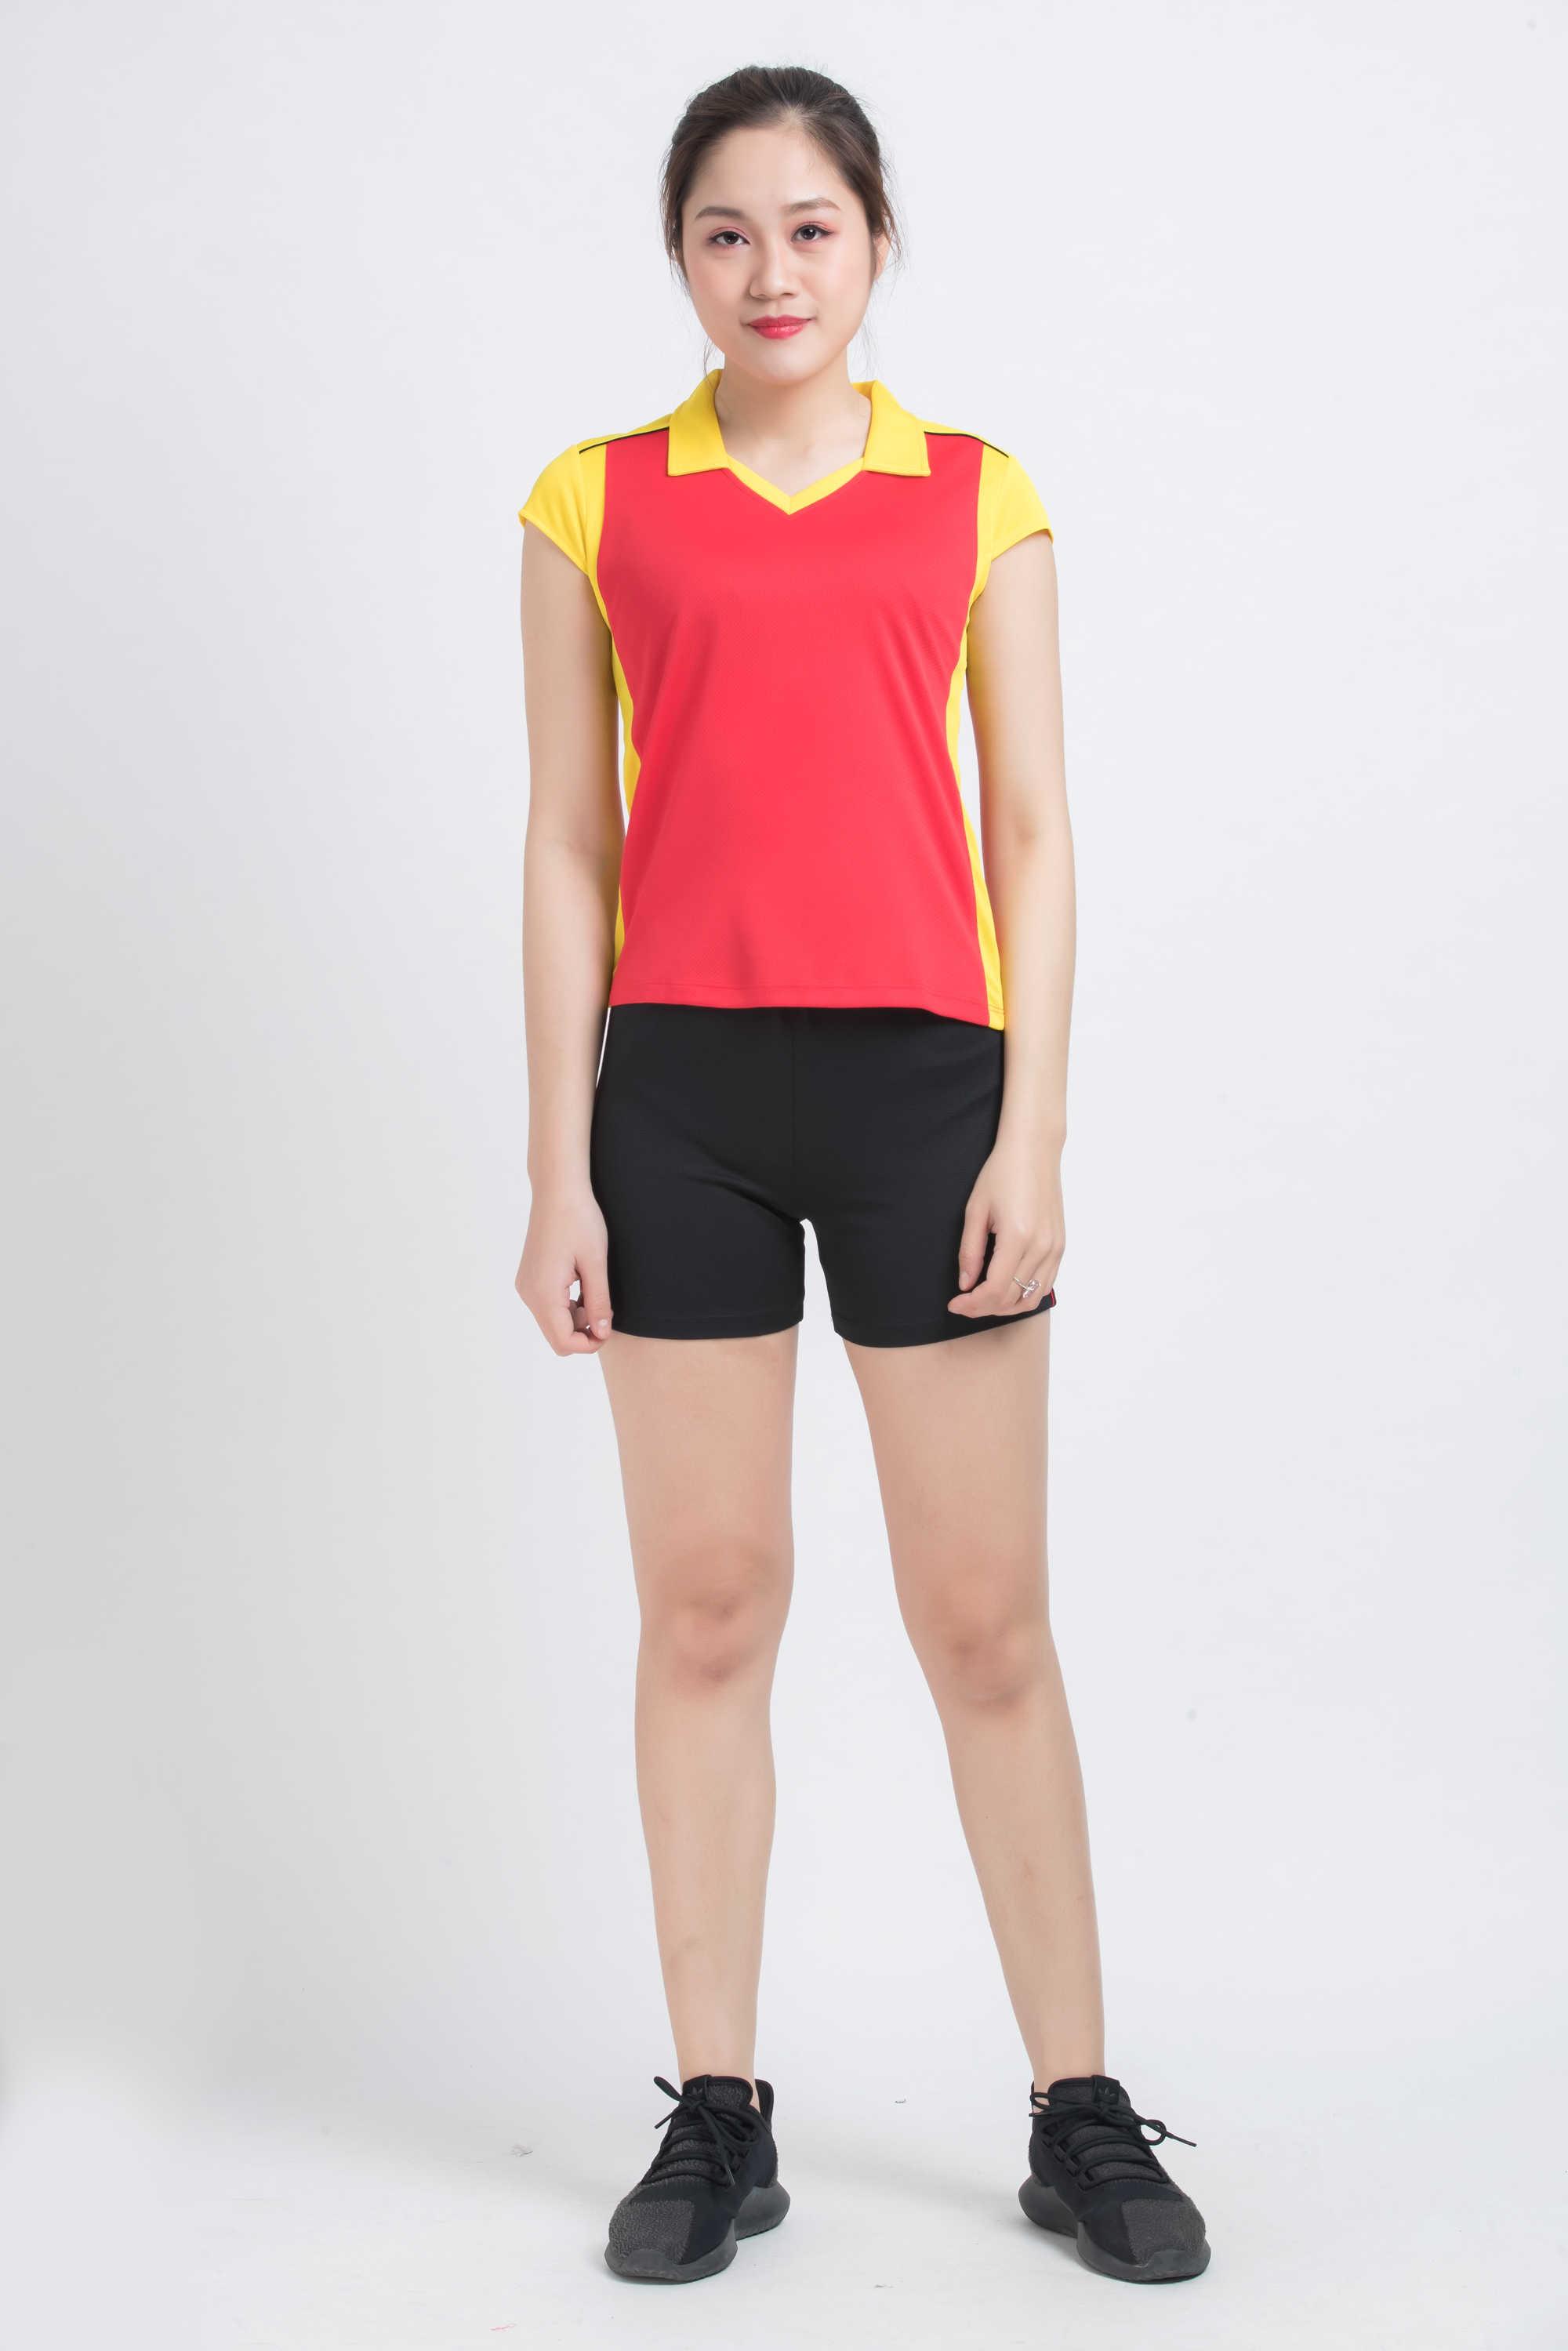 Bộ bóng chuyền nữ ACB-5130 - Đỏ phối vàng